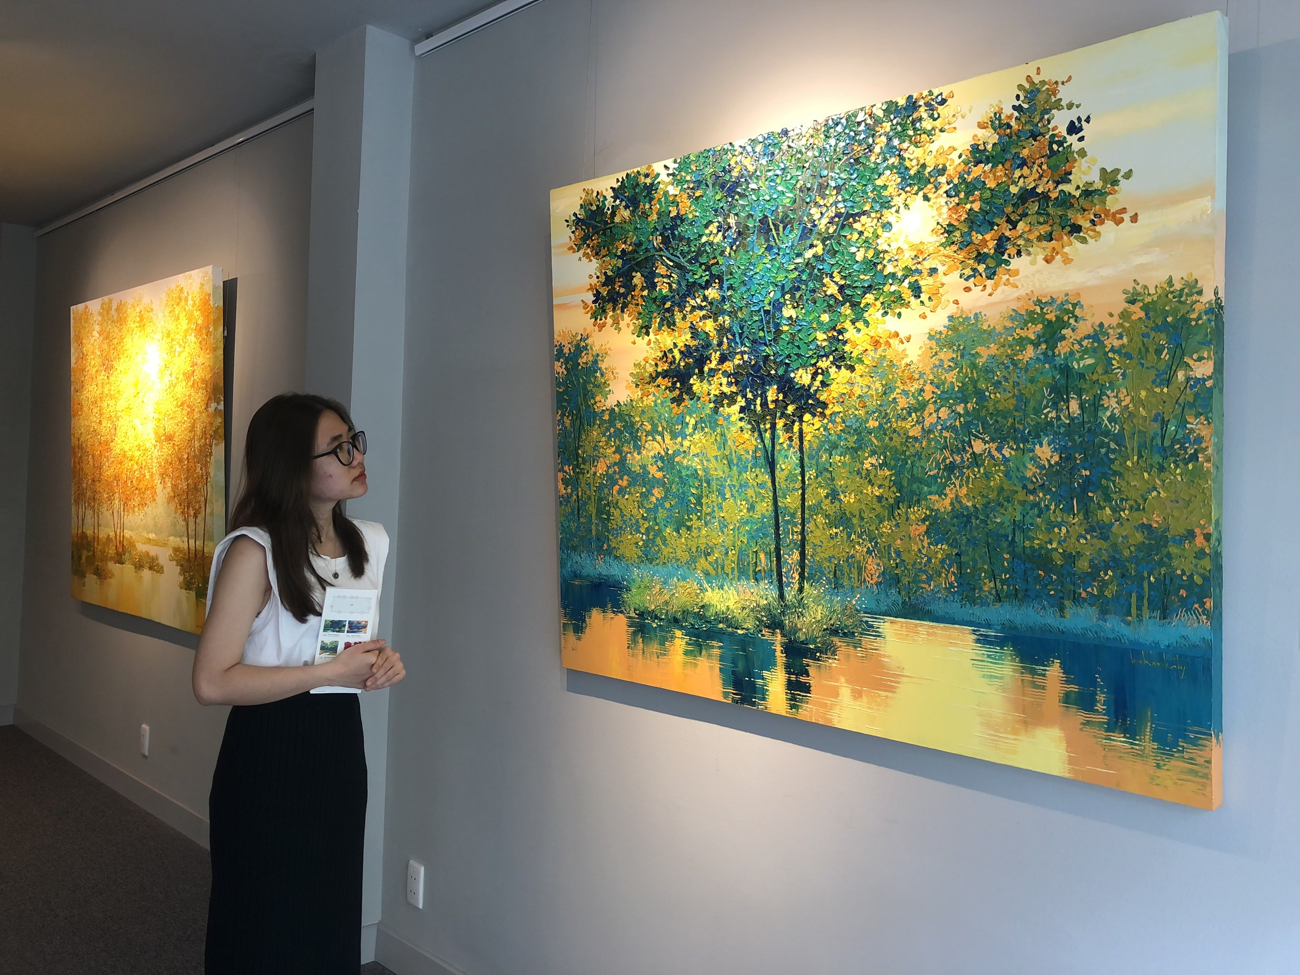 """Đắm chìm trong những bức họa thiên nhiên tại triển lãm """"Sức Sống Mộc Nhiên"""" ảnh 3"""